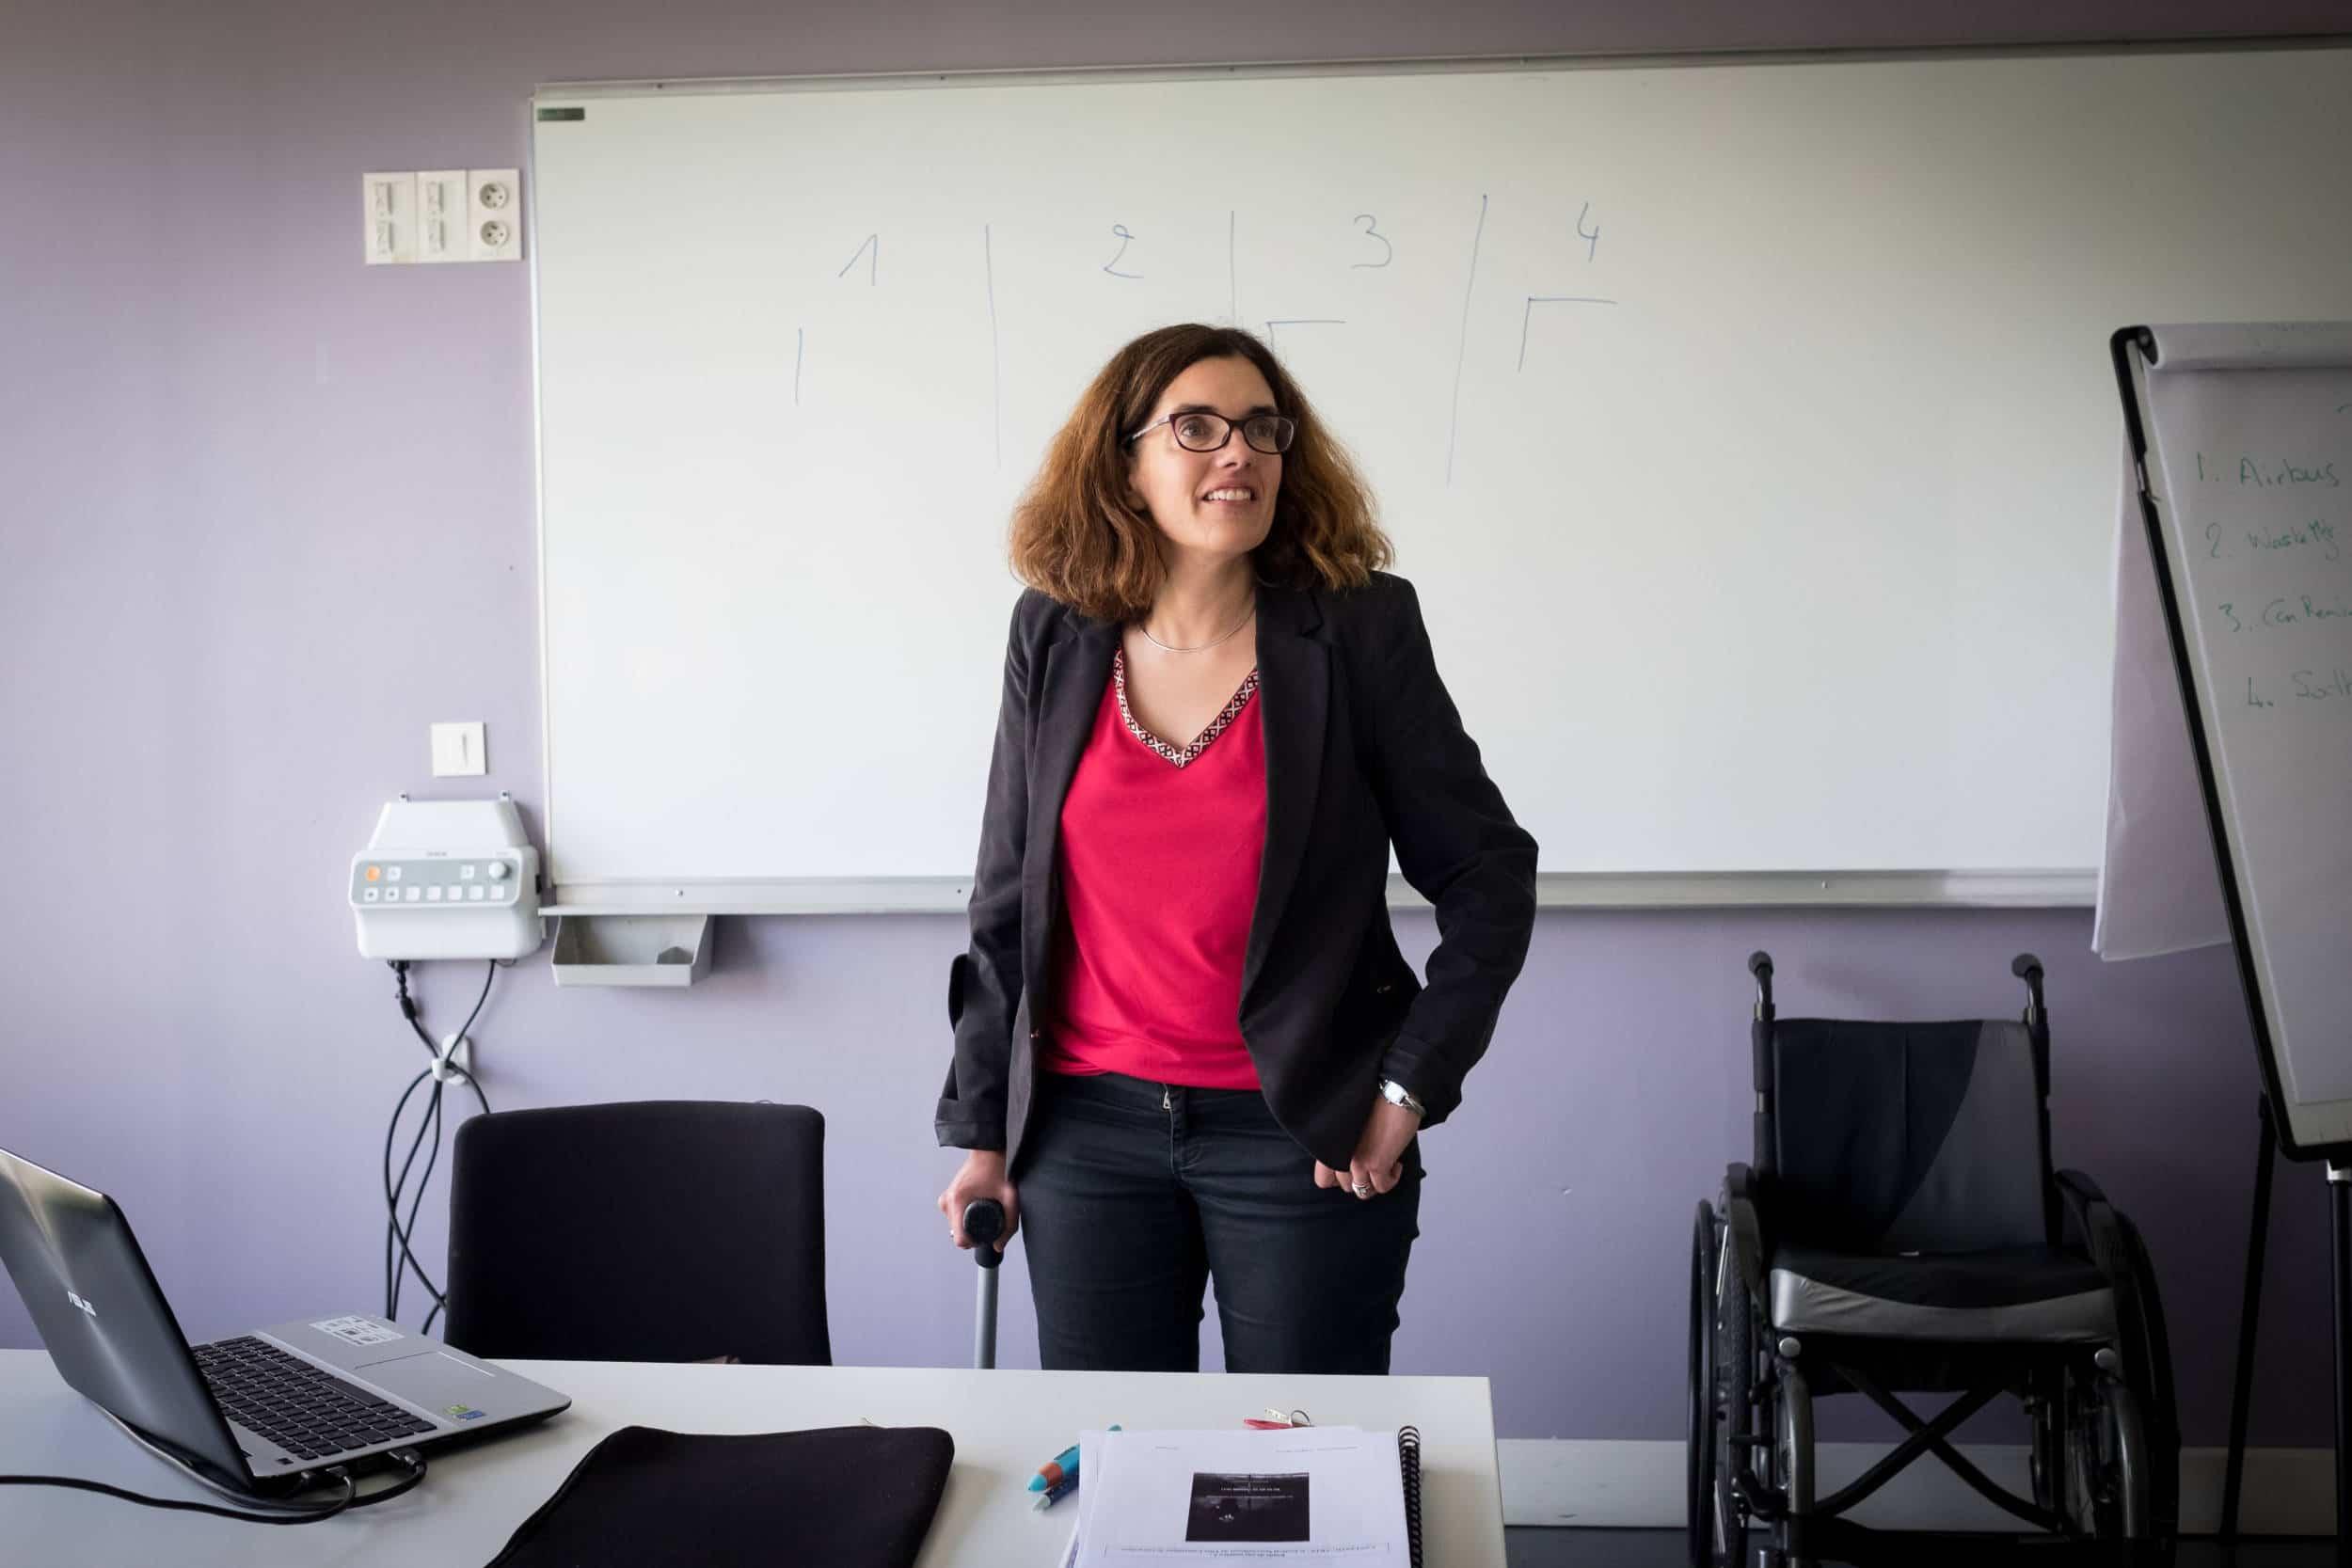 Delphine, appuyée sur une canne et souriante, est derrière son bureau pendant le cours.